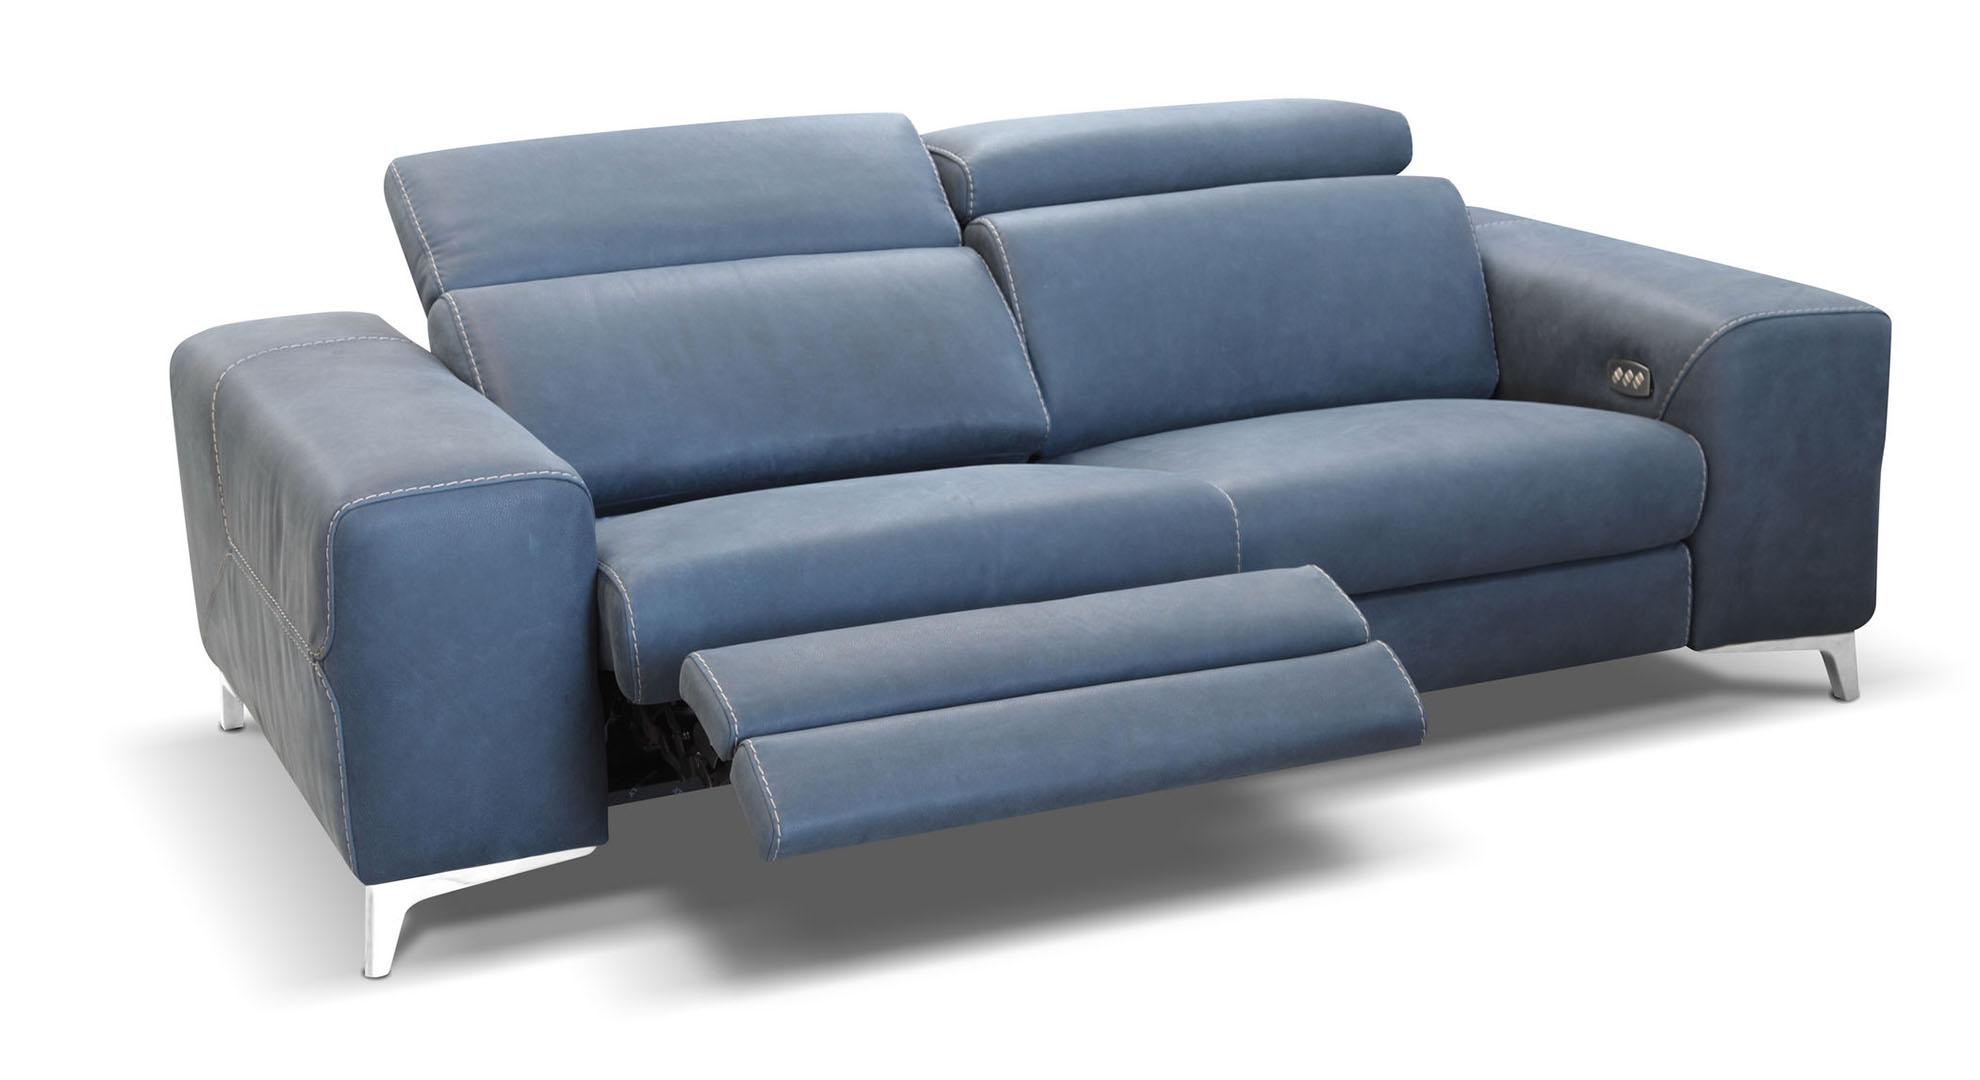 Power Motion Sofas Sectionals Braccisofas Com ~ Motorized Reclining Sofa